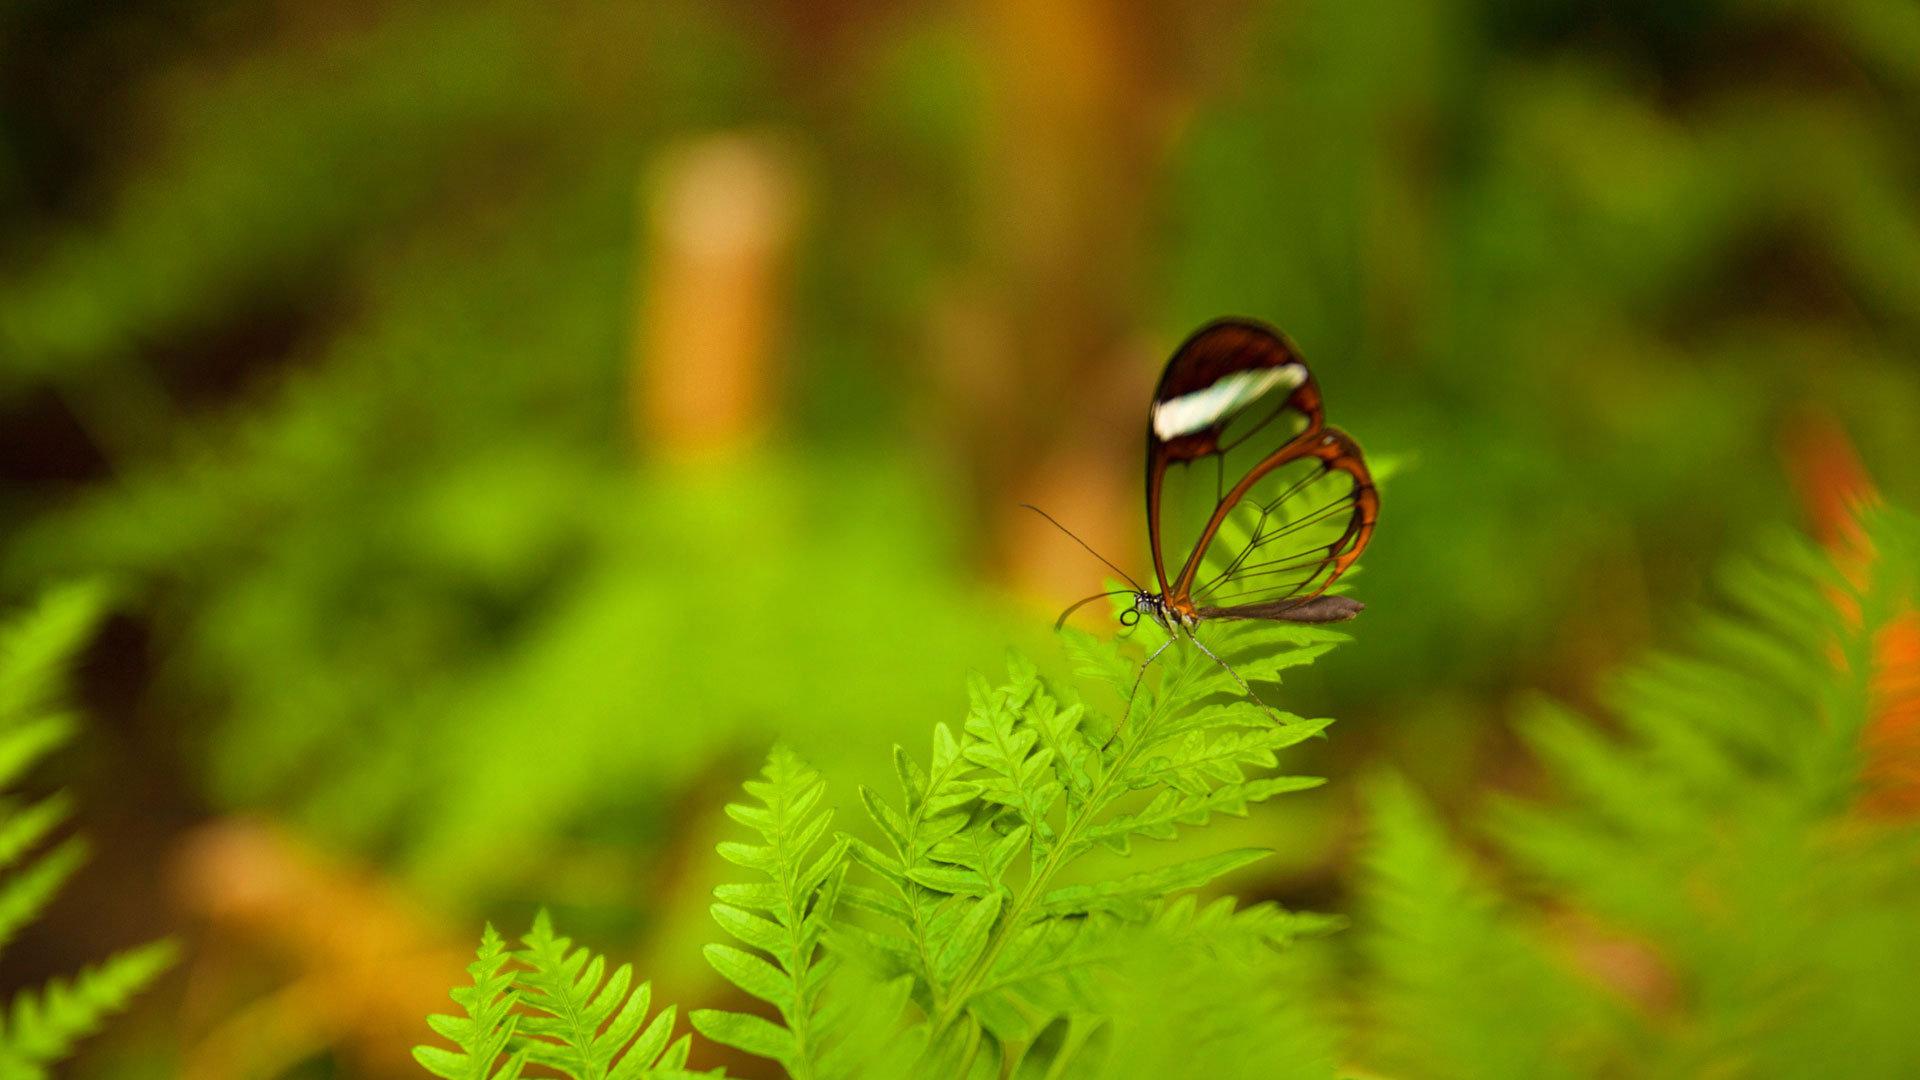 江头楂树香 岸上蝴蝶飞